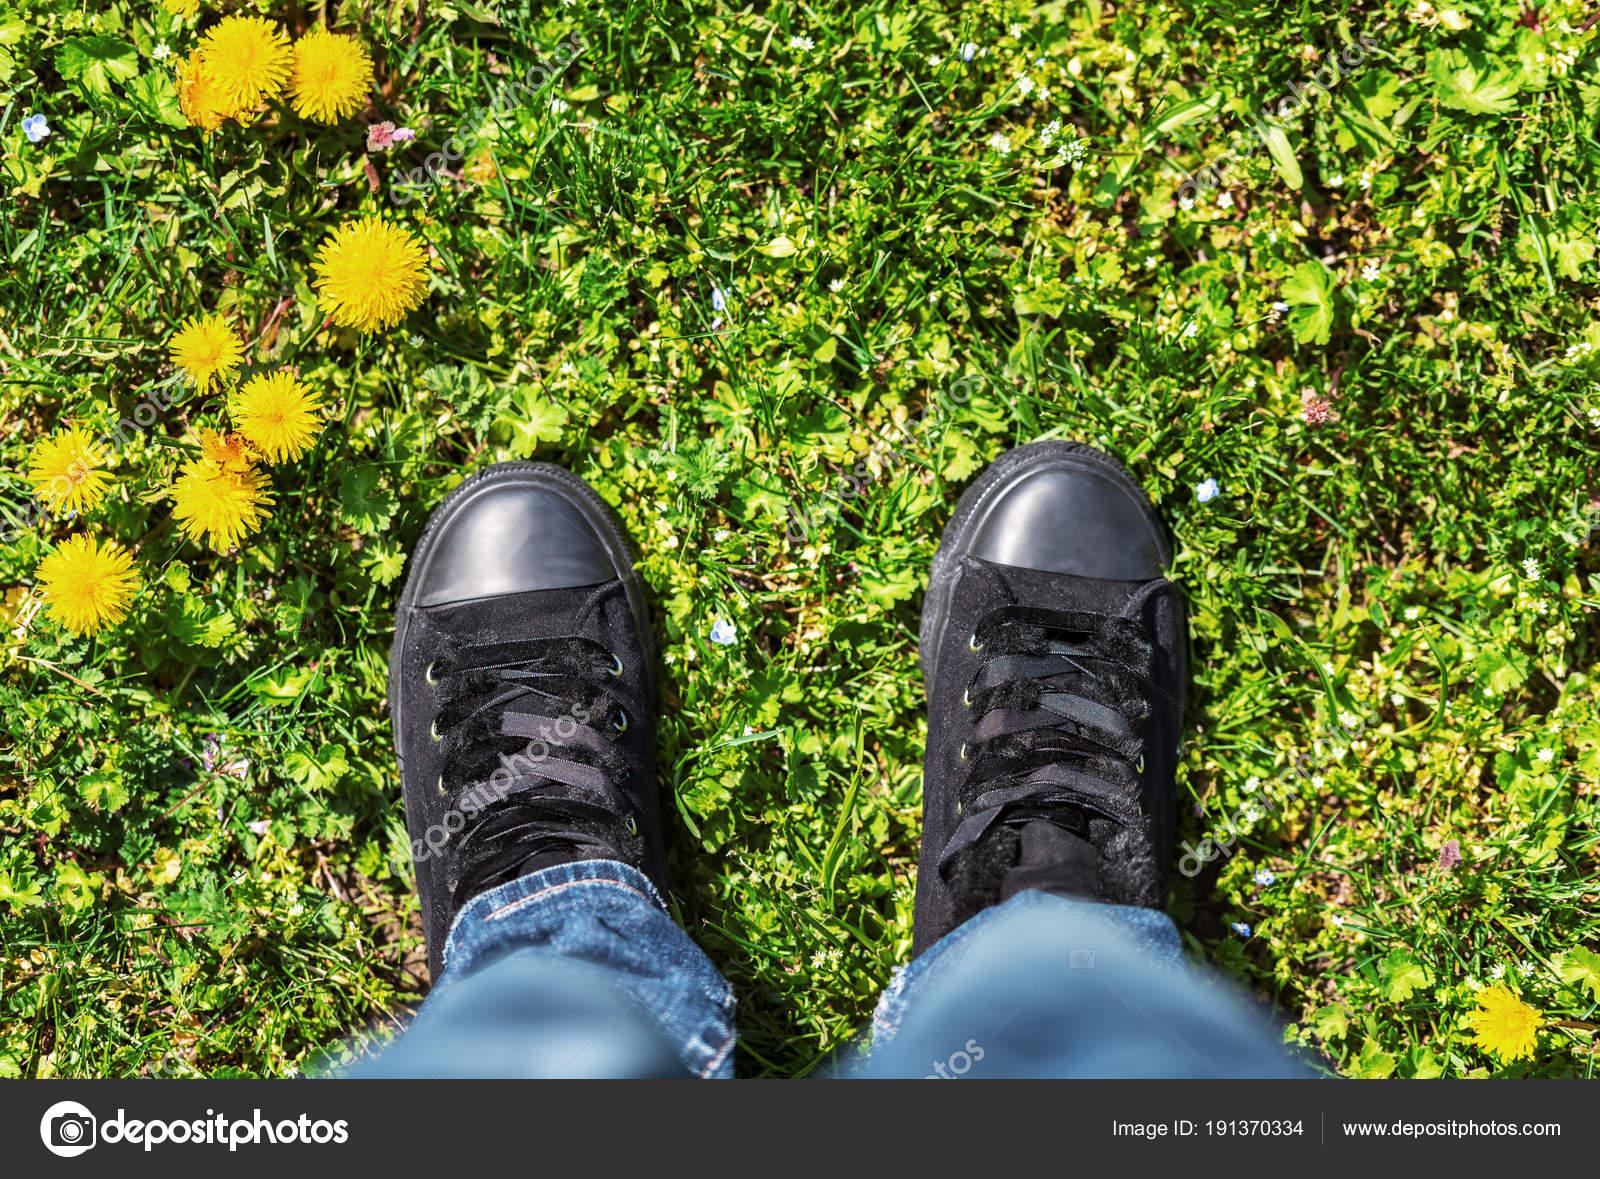 Sportschuhe auf eine frische grüne Wiese. — Stockfoto